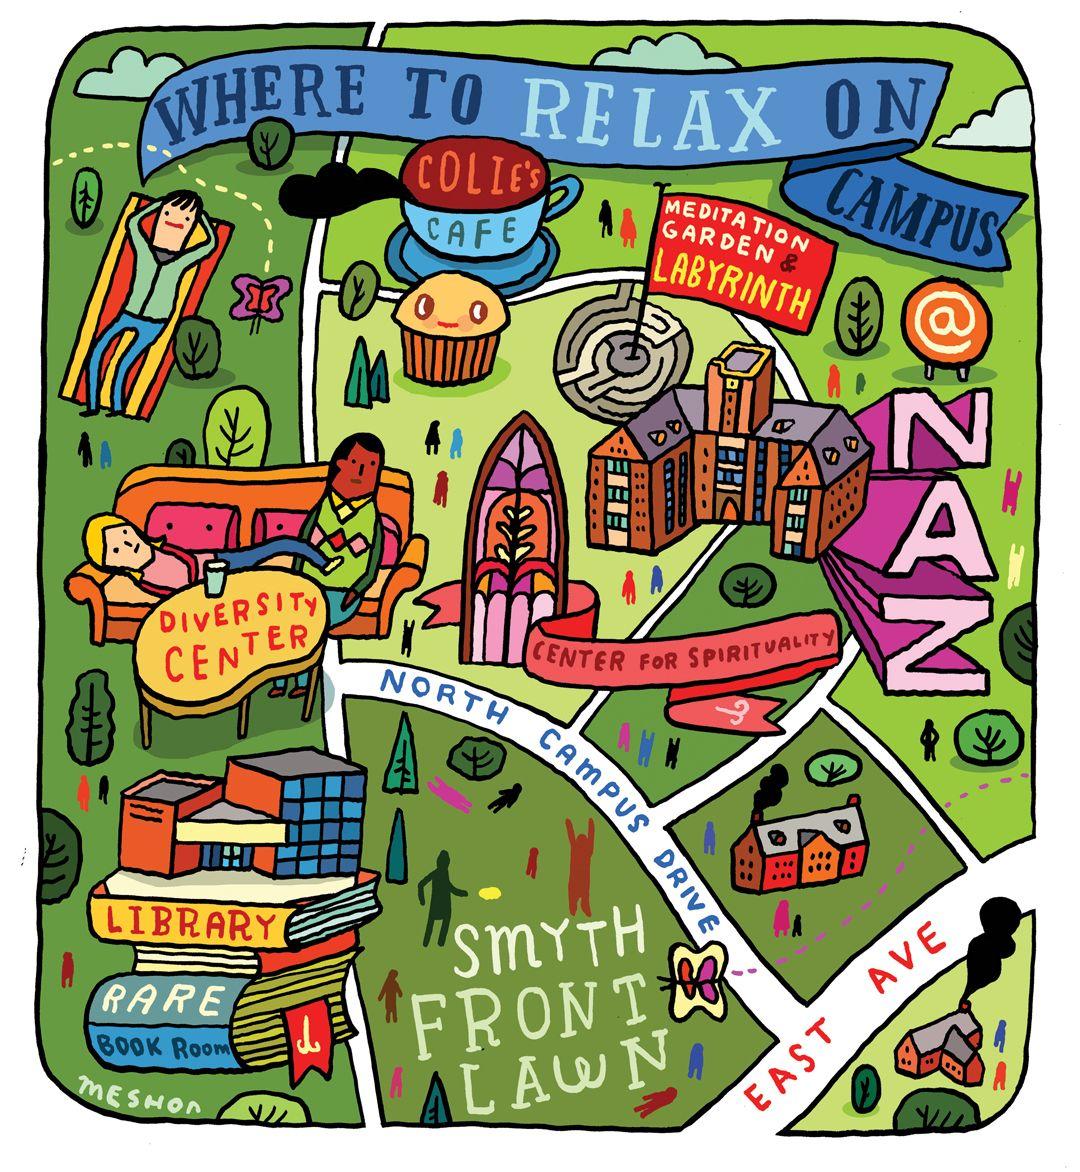 nazareth college campus map Nazareth College Maps Campus Map Nazareth College College Necessities nazareth college campus map